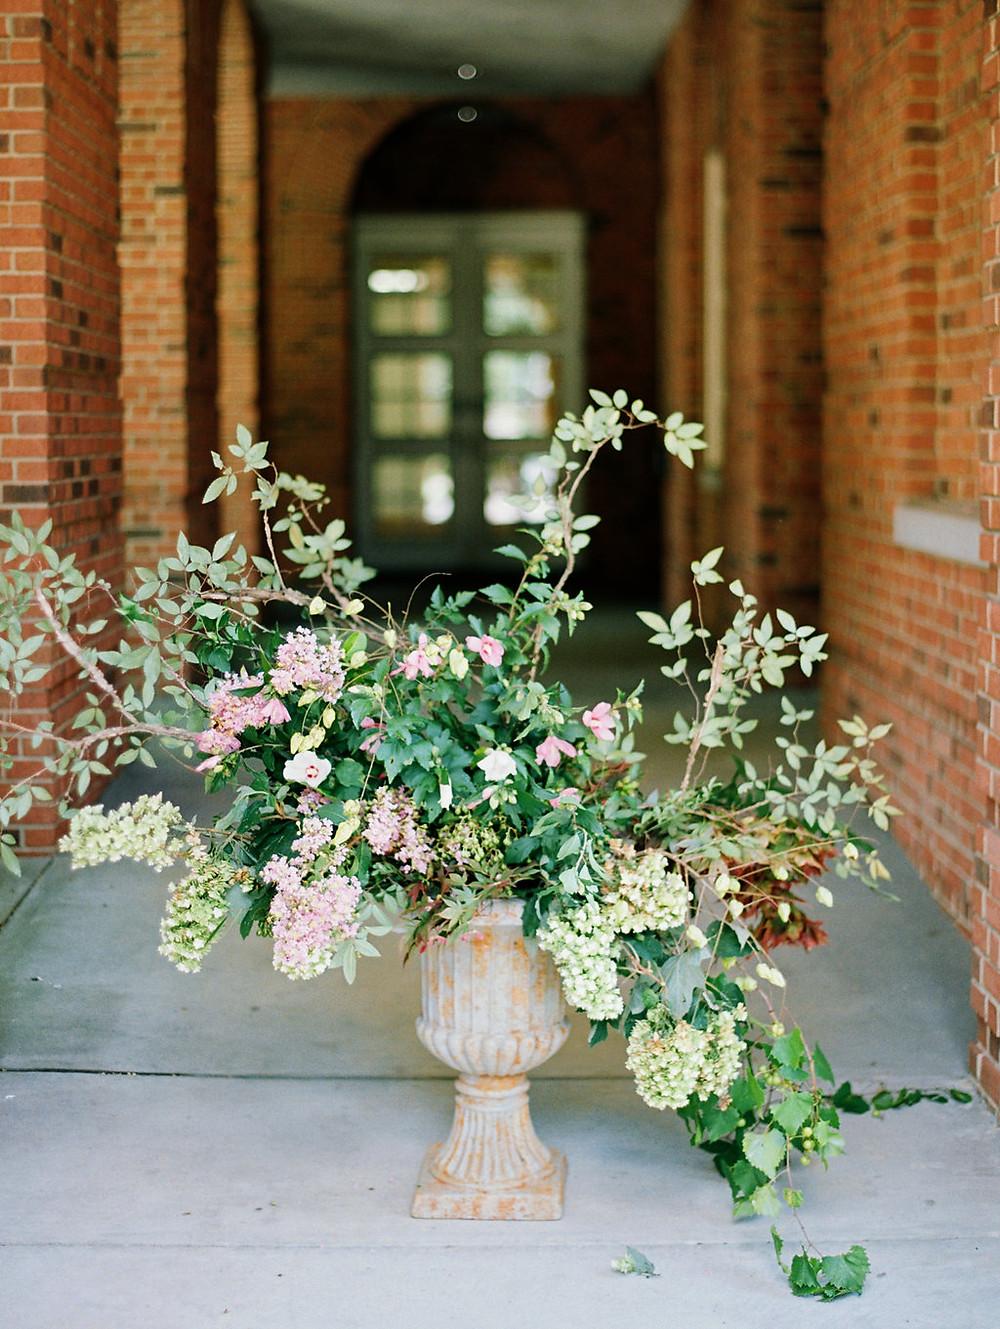 birmingham al wedding flowers